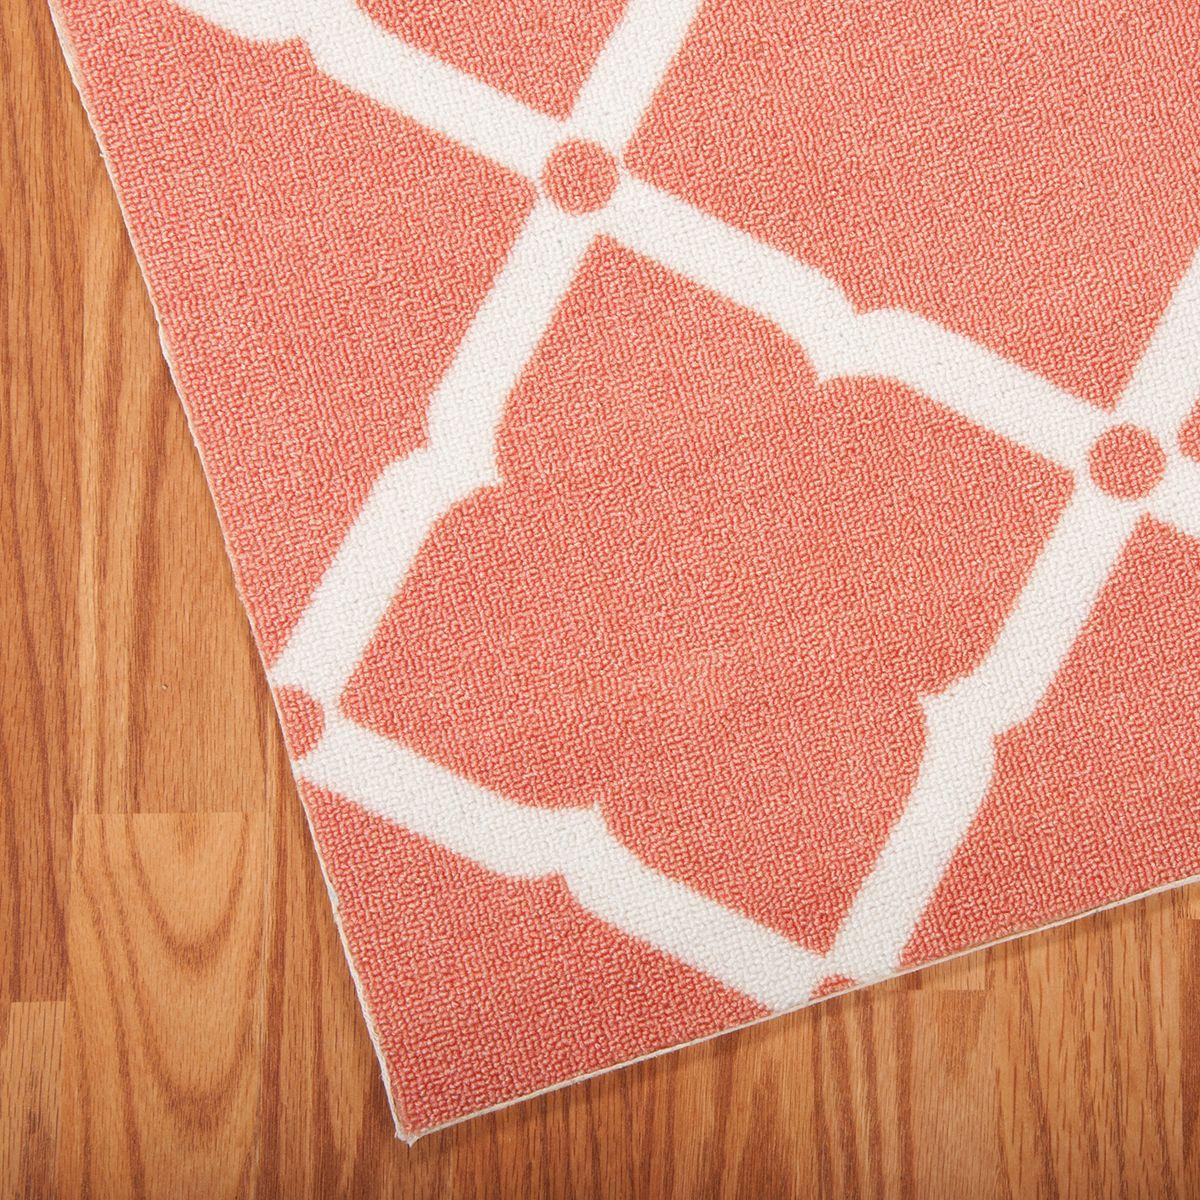 Nourison Home & Garden Diamond Lattice Indoor Outdoor Rug Orange HJChz